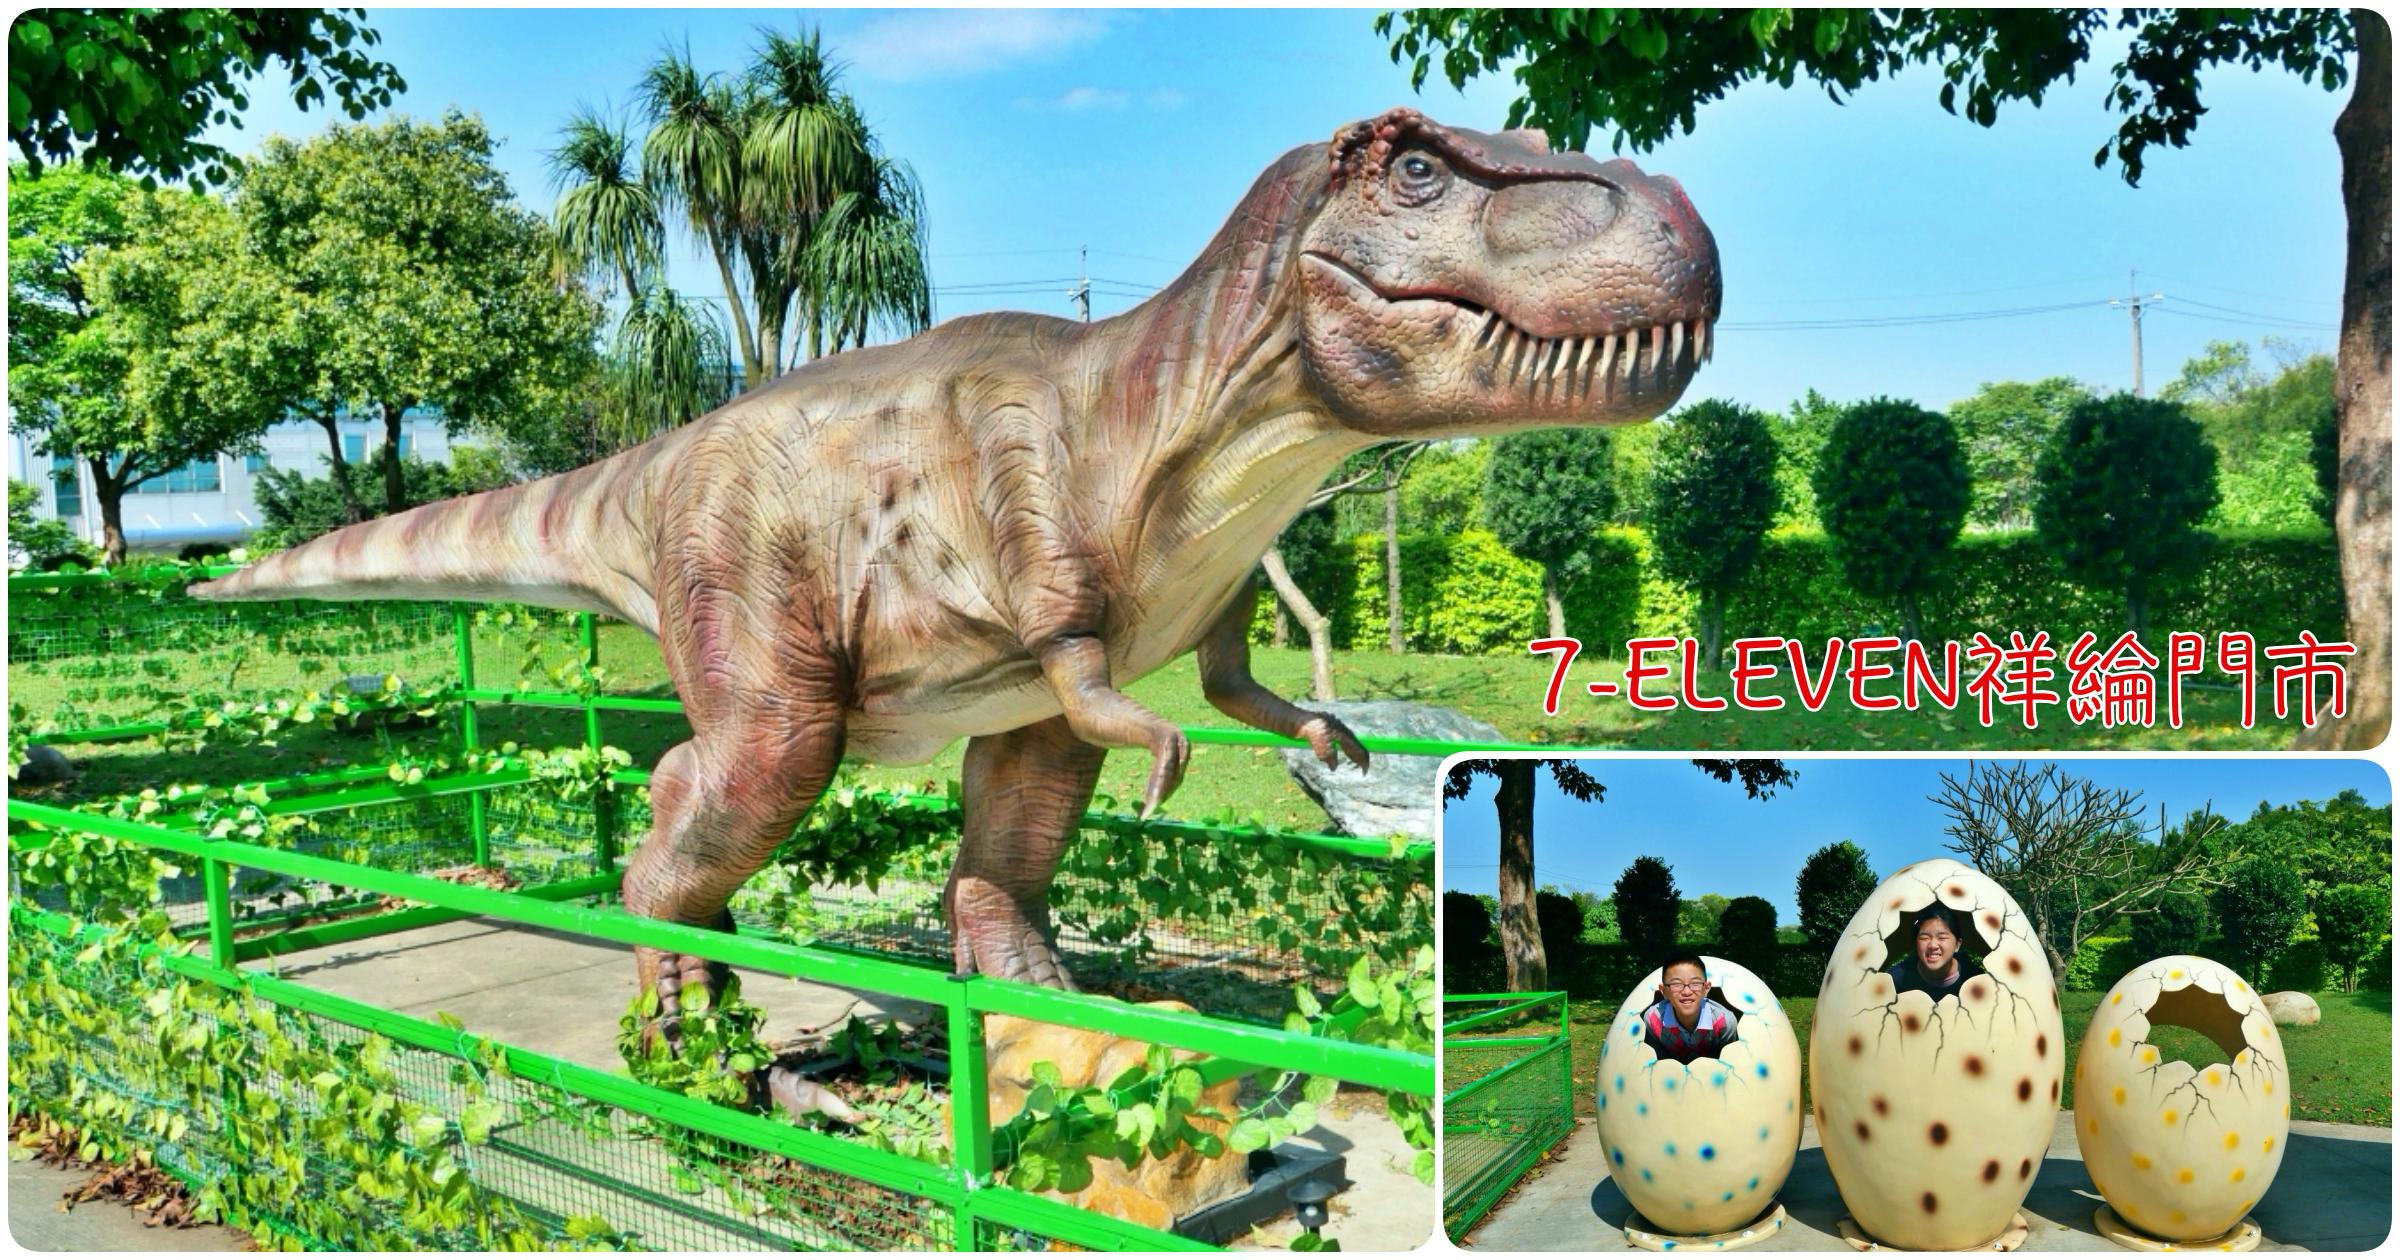 最新推播訊息:[大園旅遊]7-ELEVEN祥綸門市|桃園高鐵站附近特色門市~恐龍迷照過來.超大恐龍出沒